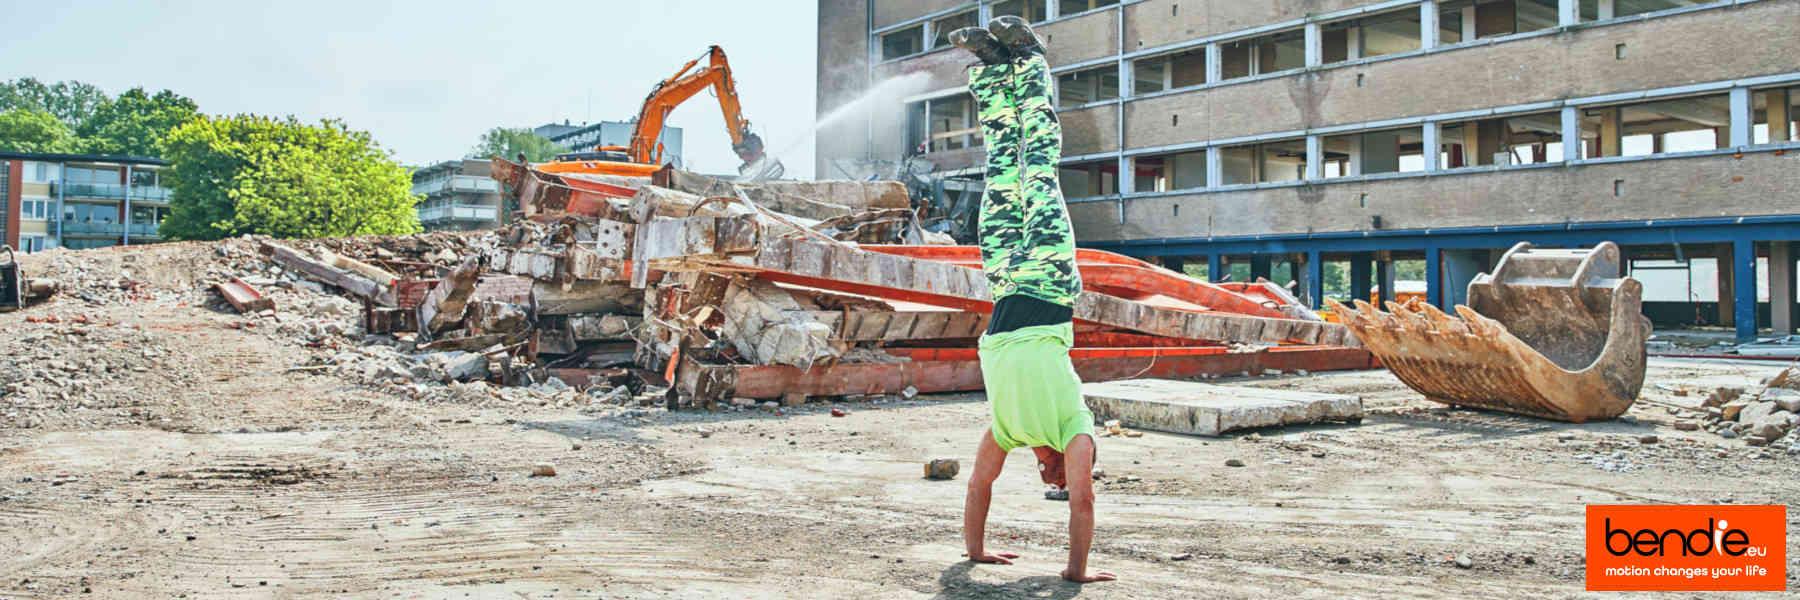 Handstand & core conditioning bij Bendie in Leeuwarden. Handstand op de bouwplaats